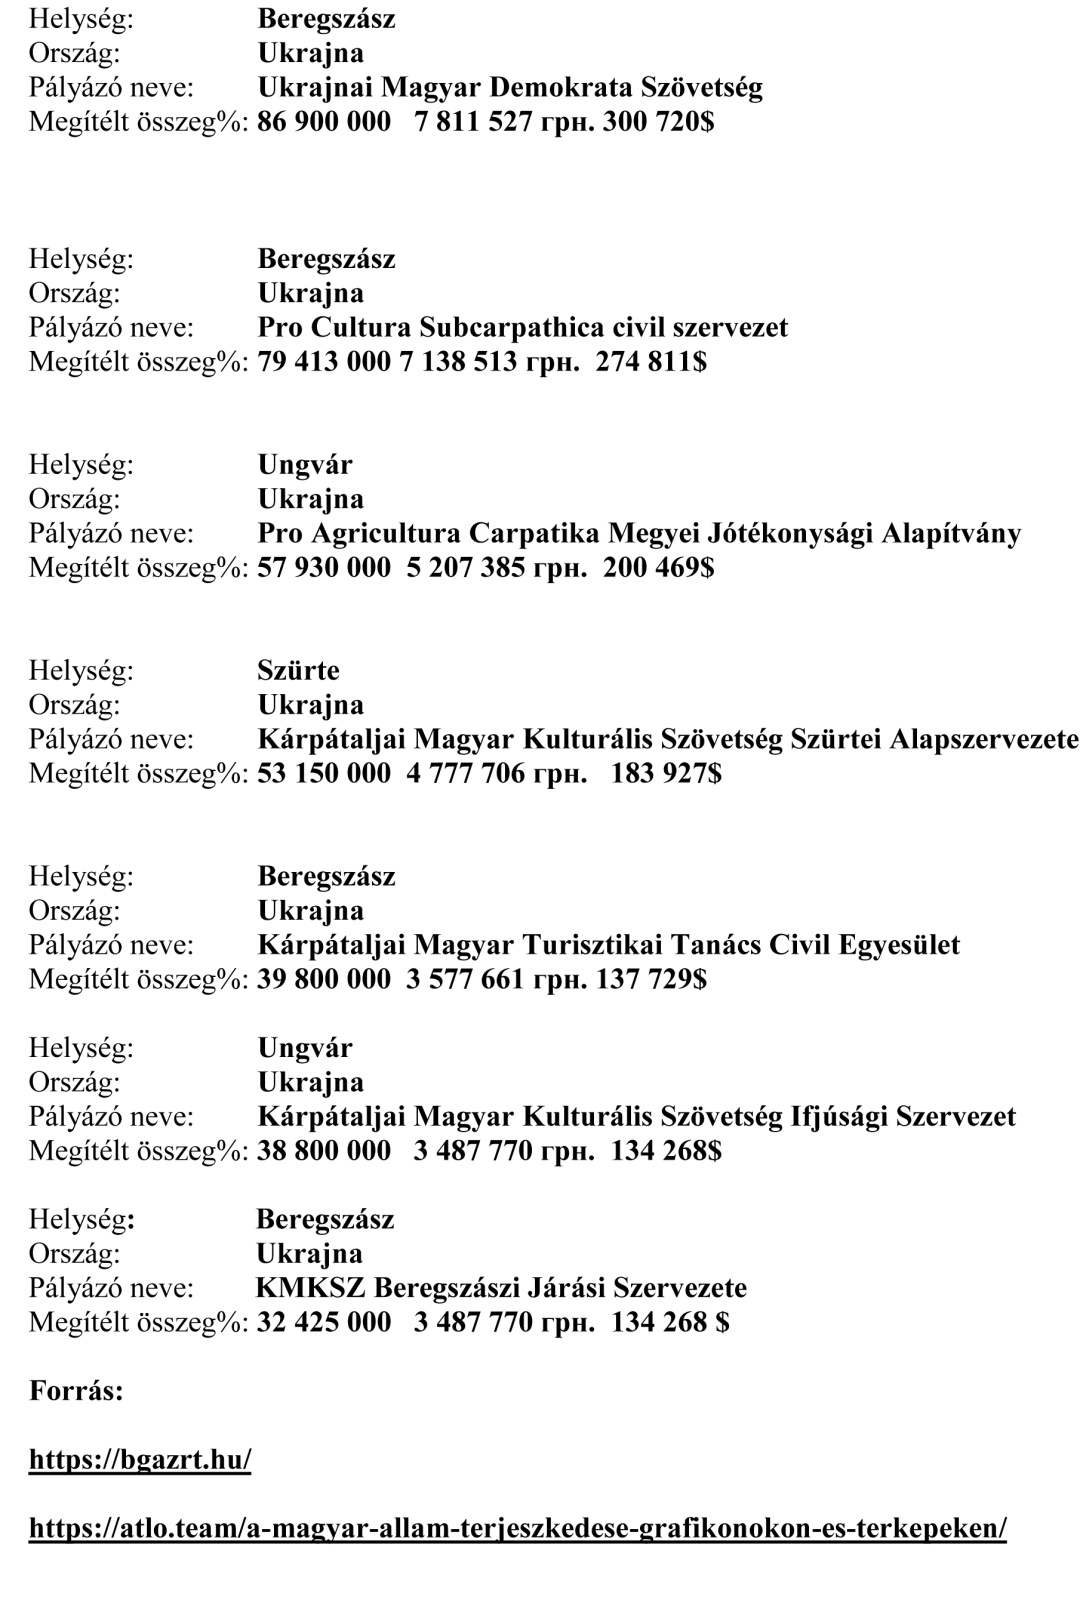 Таблиця. Інші частини коштів, перерахованих фондом ім. Бетлена Габора на Закарпаття, 2011-2018